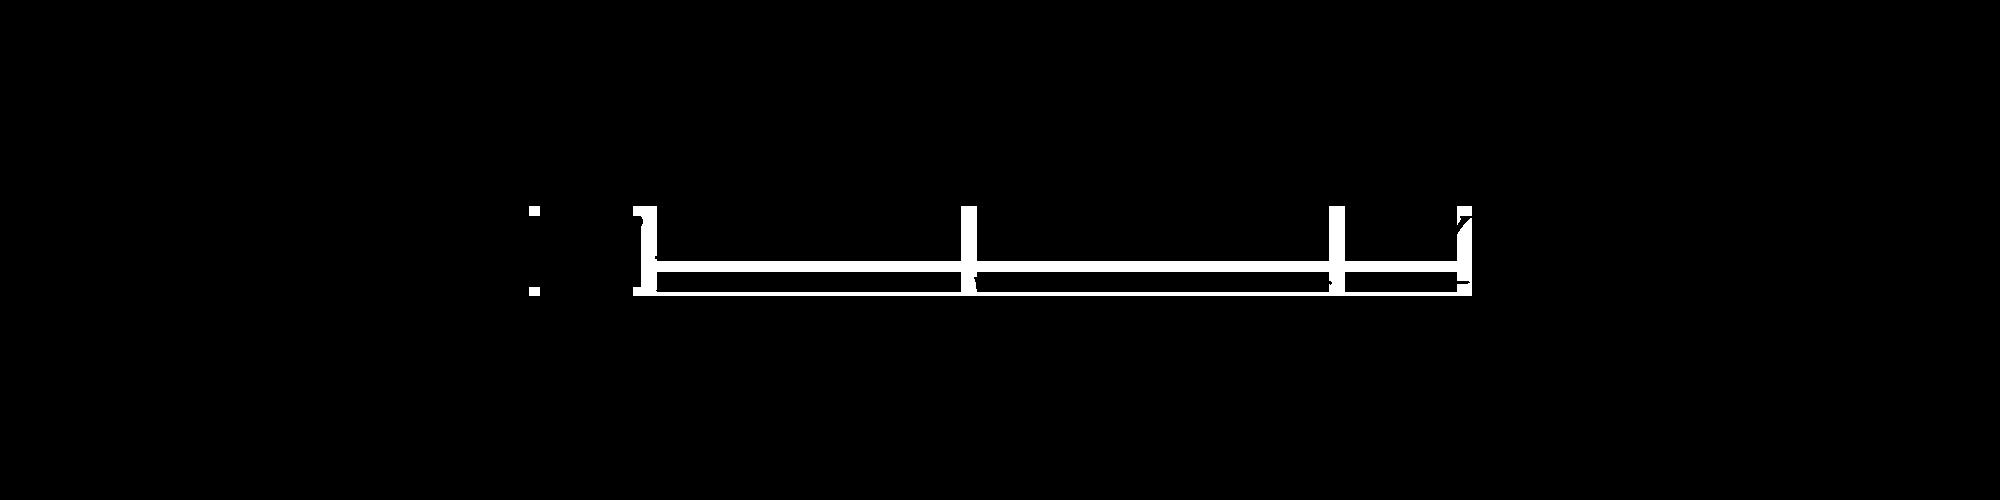 メインビジュアル画像1